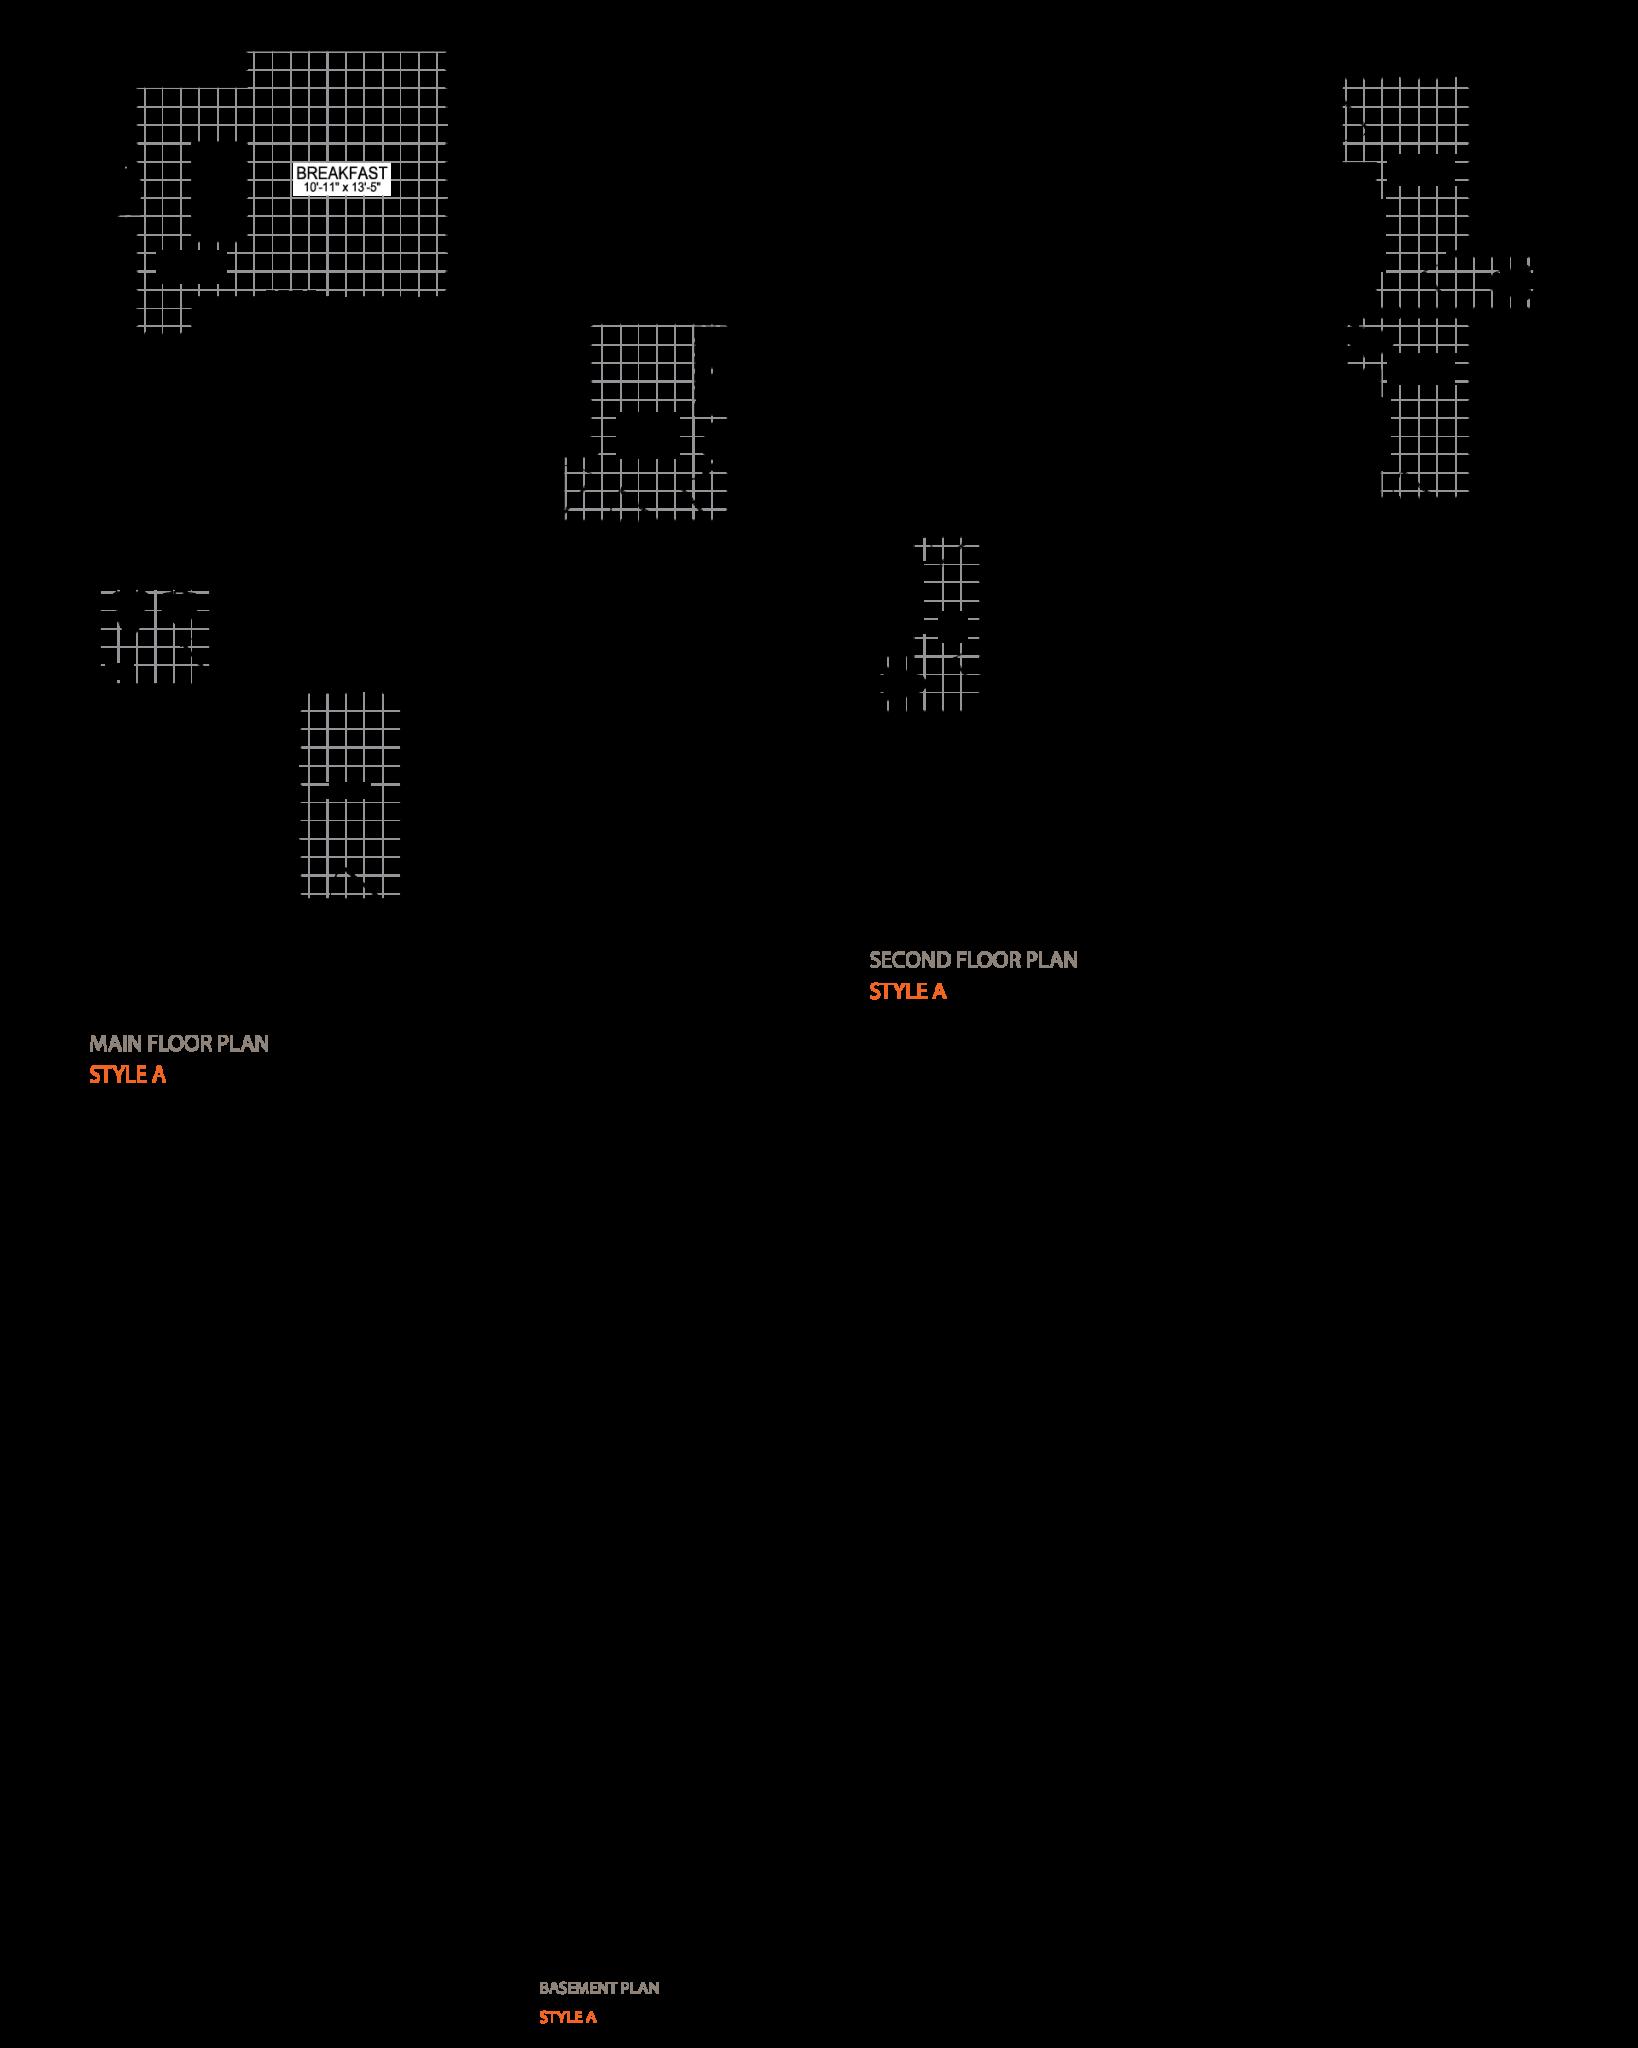 24809-bruncwick-floorplan